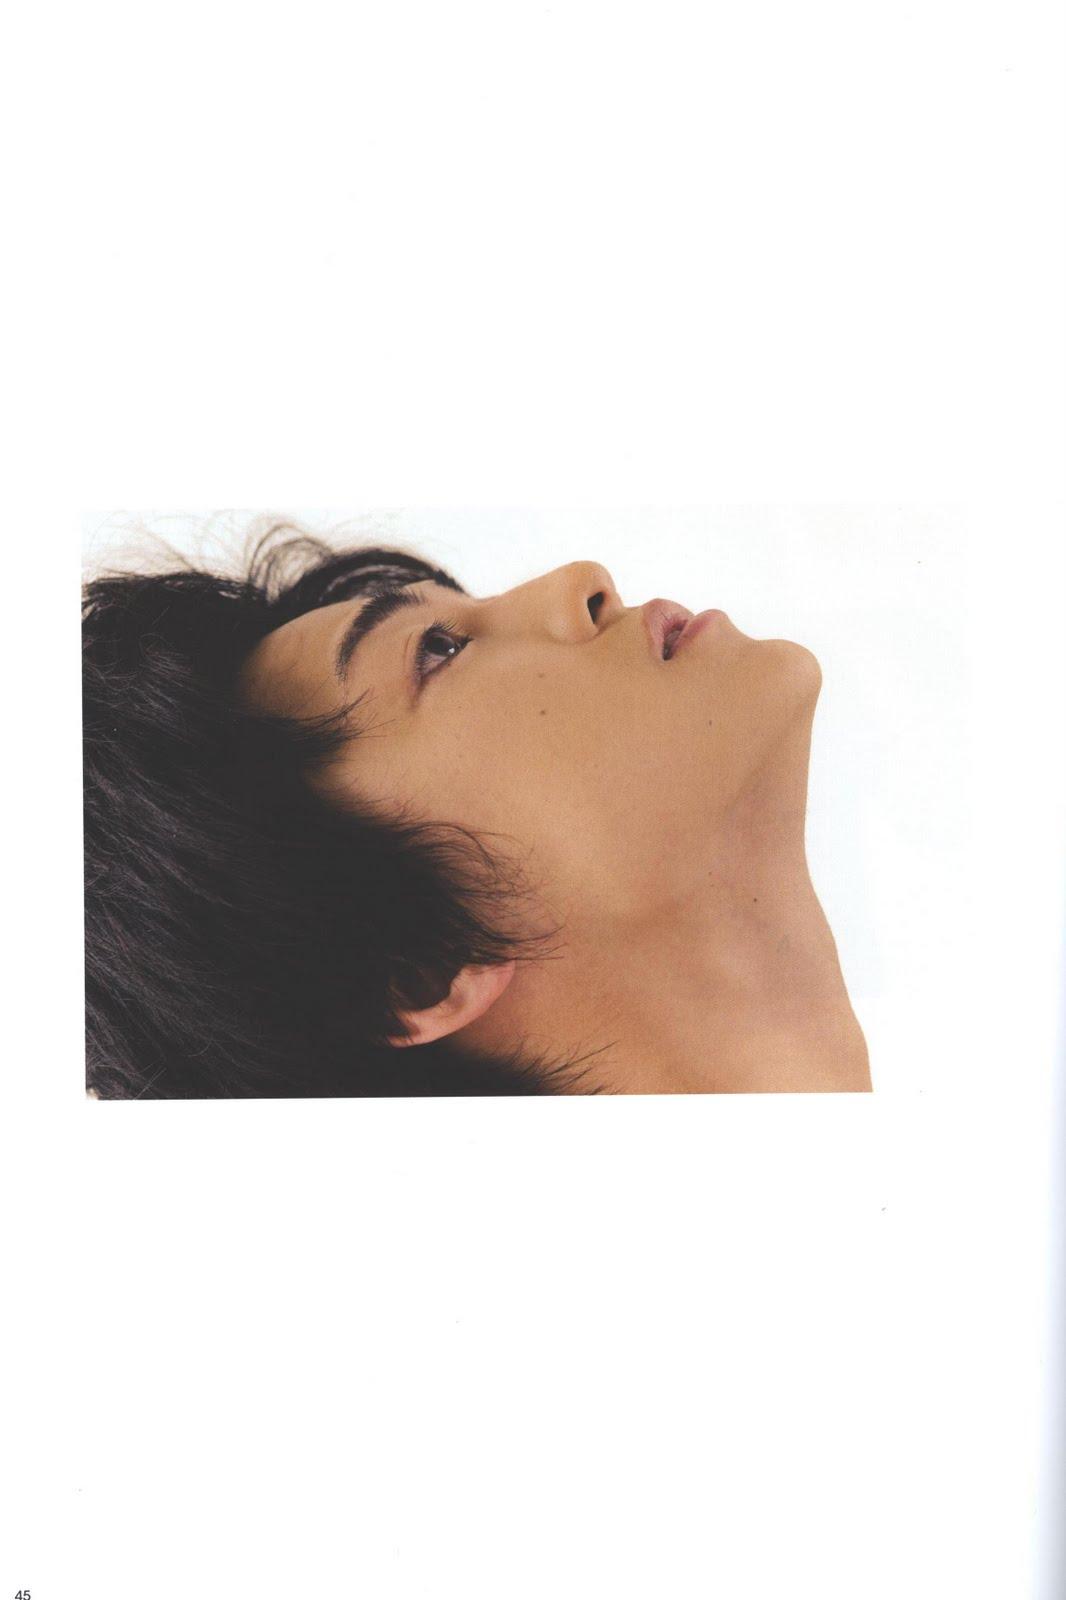 Daito Shunsuke 047